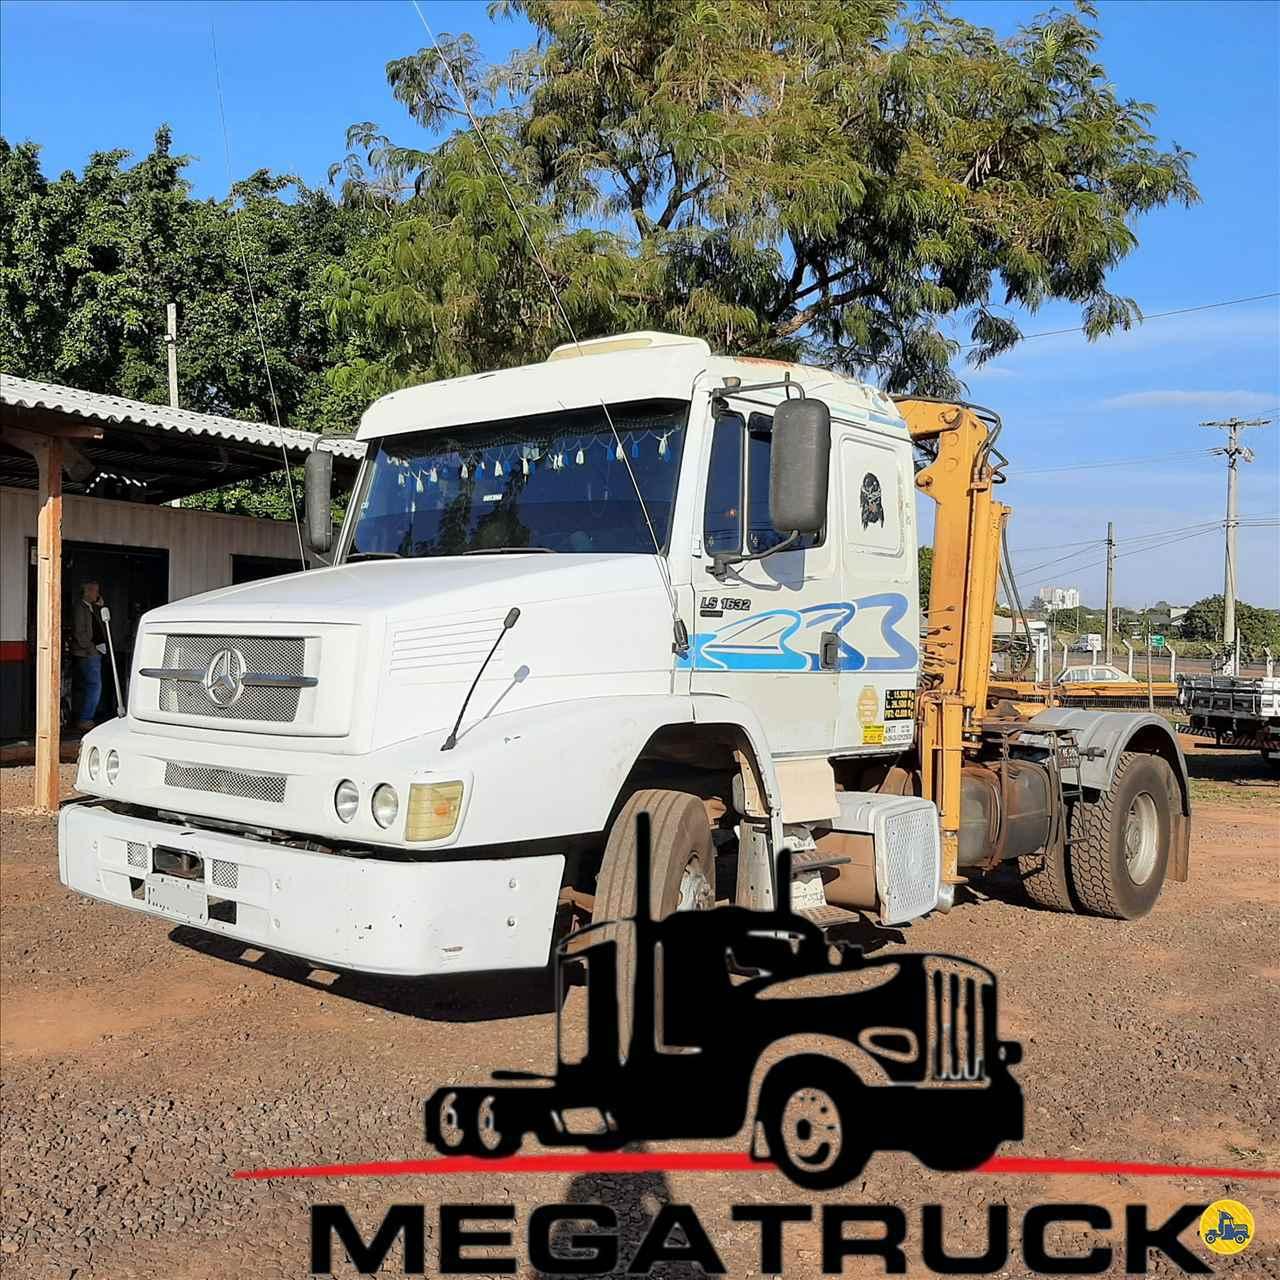 CAMINHAO MERCEDES-BENZ MB 1632 Cavalo Mecânico Toco 4x2 Megatruck Caminhões e Máquinas CAMPO GRANDE MATO GROSSO DO SUL MS